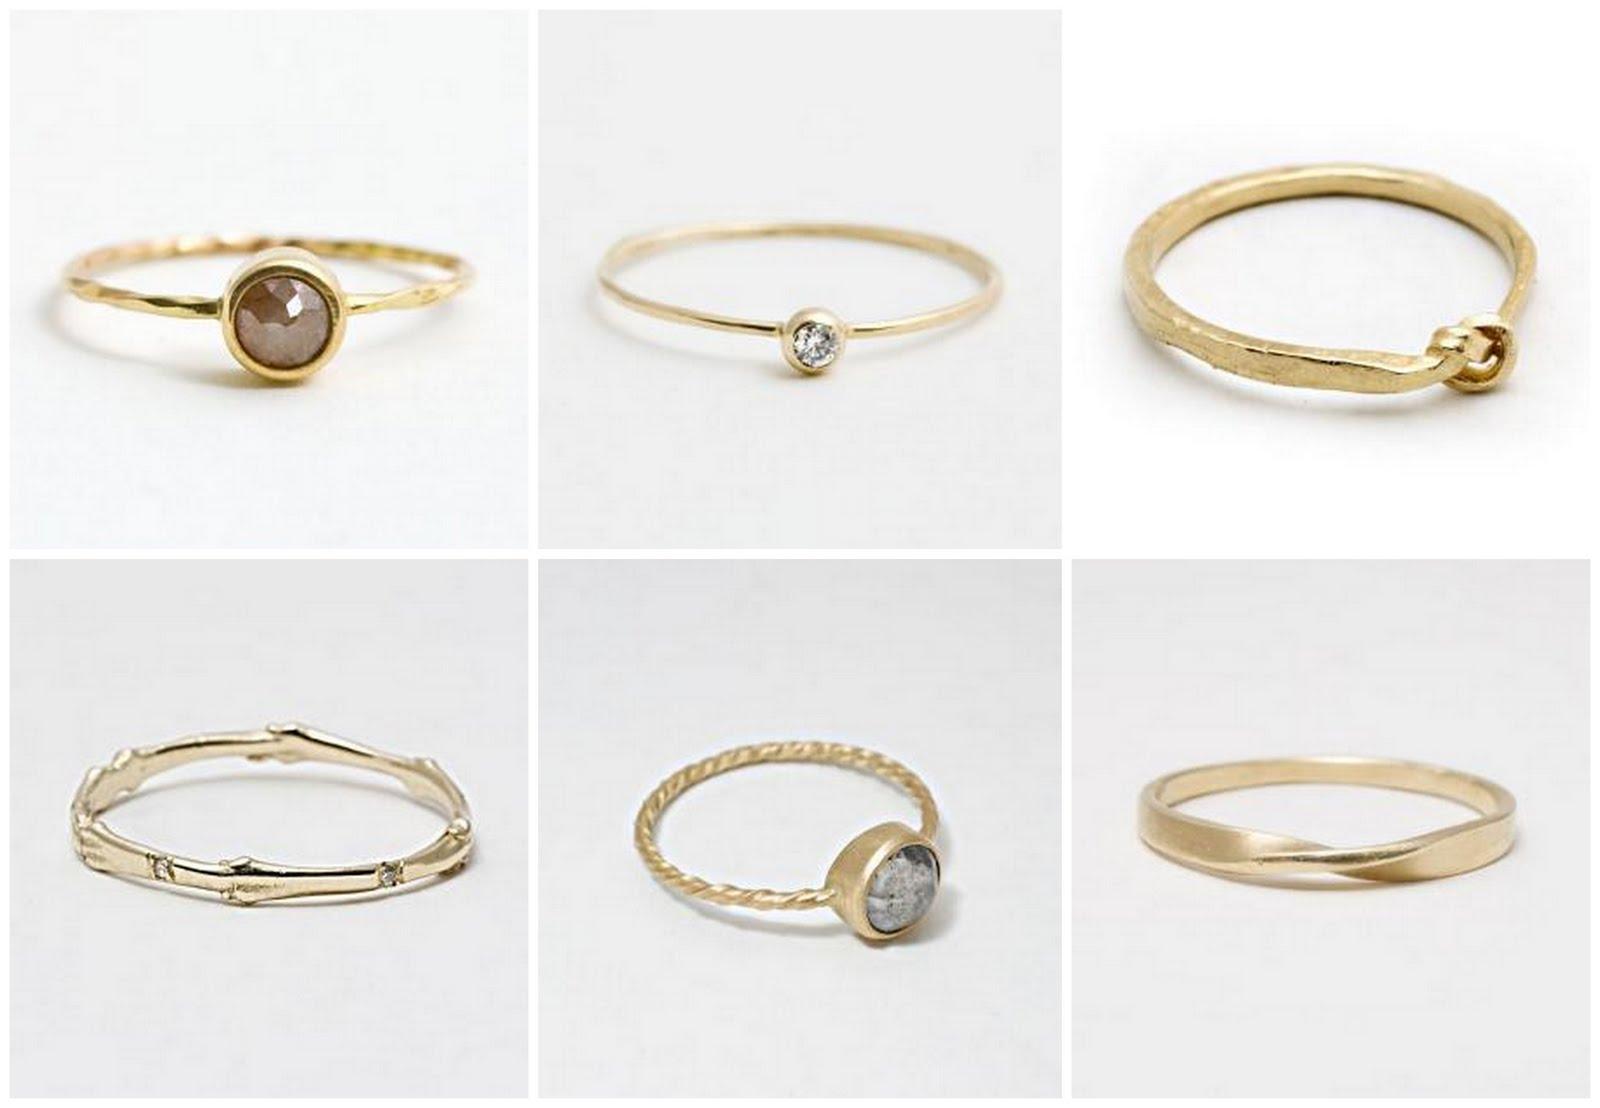 elegant wedding rings Inexpensive wedding rings Simple elegant wedding rings